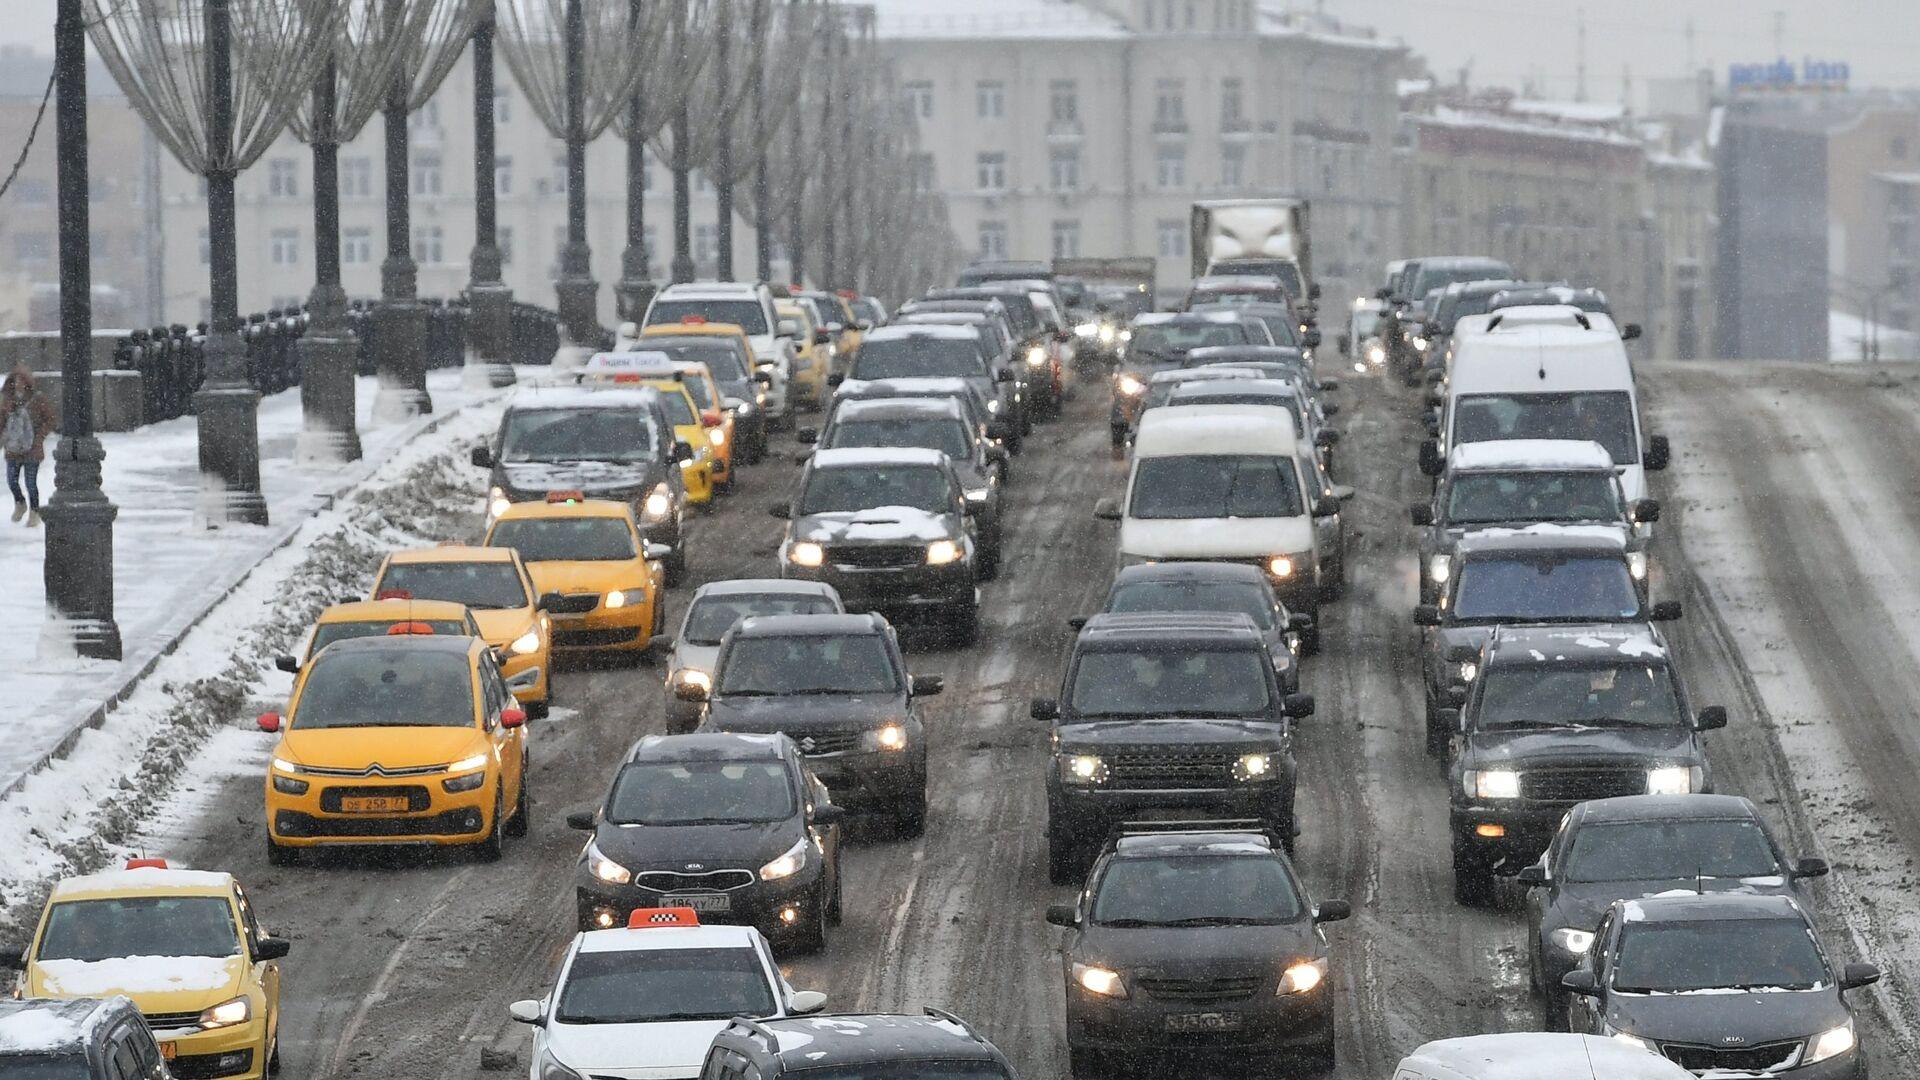 Автомобильное движение во время снегопада в Москве - РИА Новости, 1920, 16.12.2020